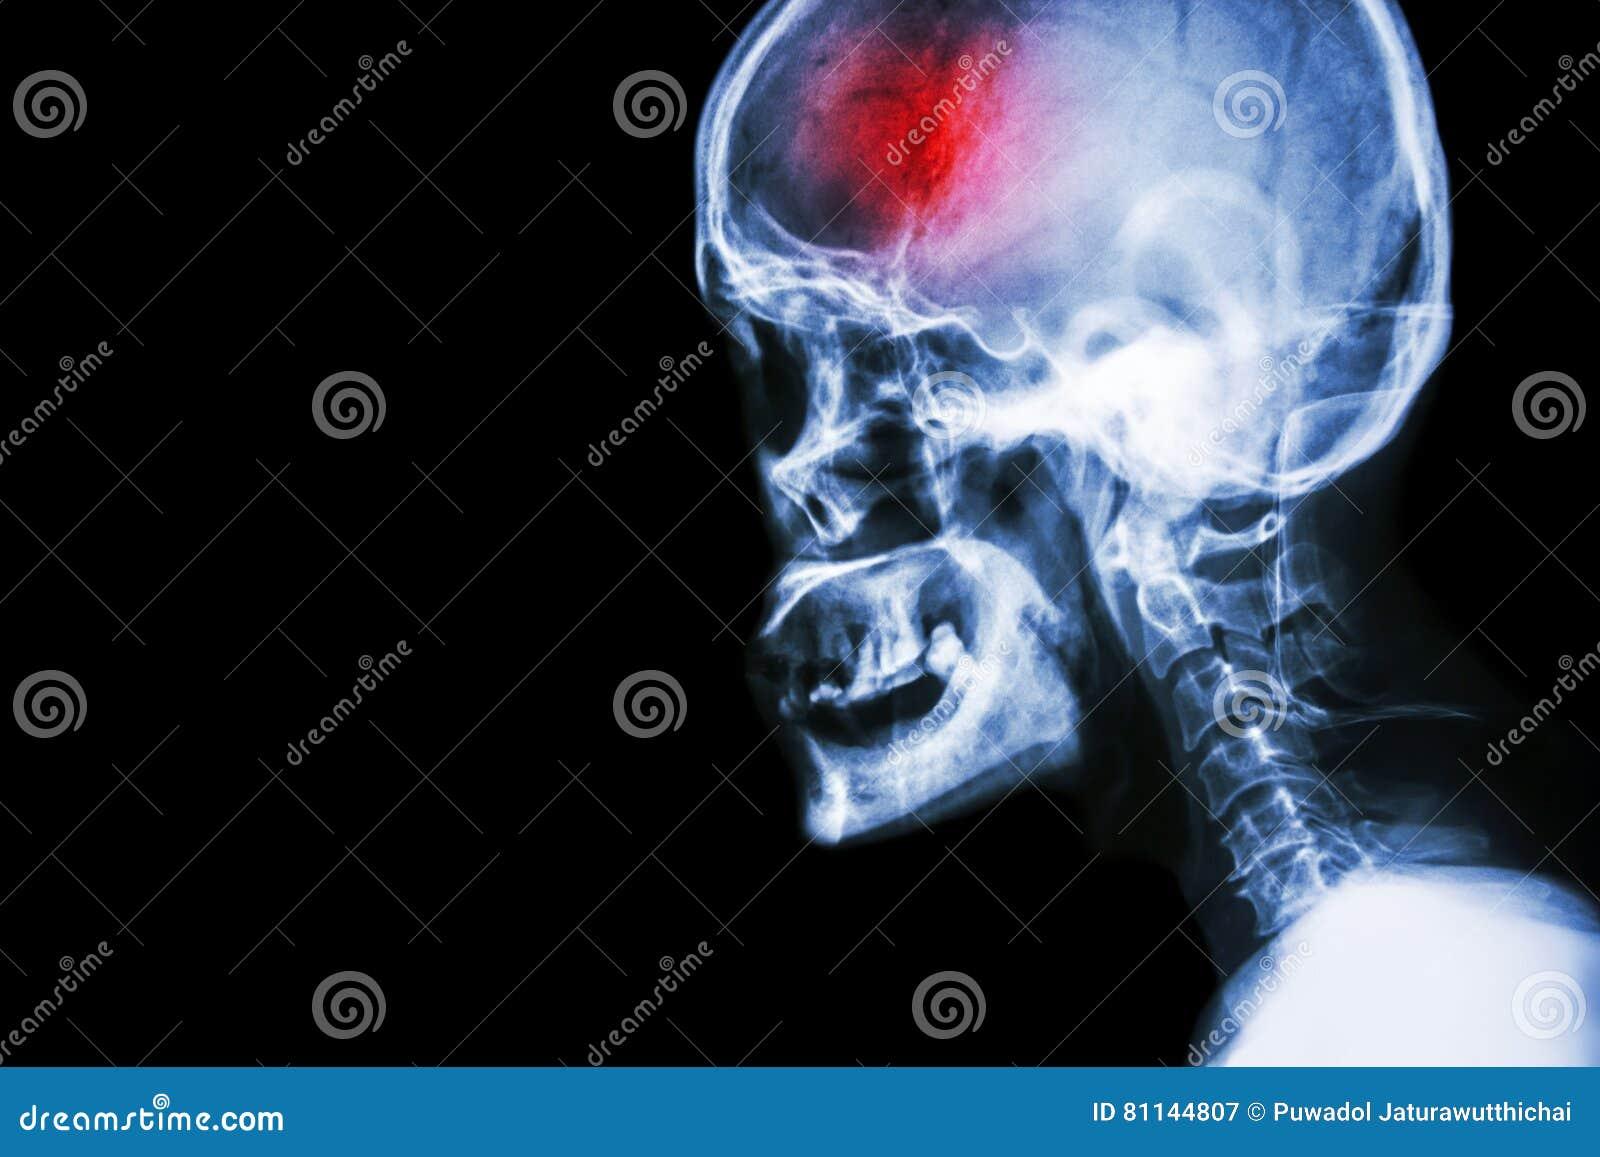 Slaglängd filma sidosikten för röntgenstråleskallen och för den cervikala ryggen och slå cerebrovascular olycka tomt område på vä